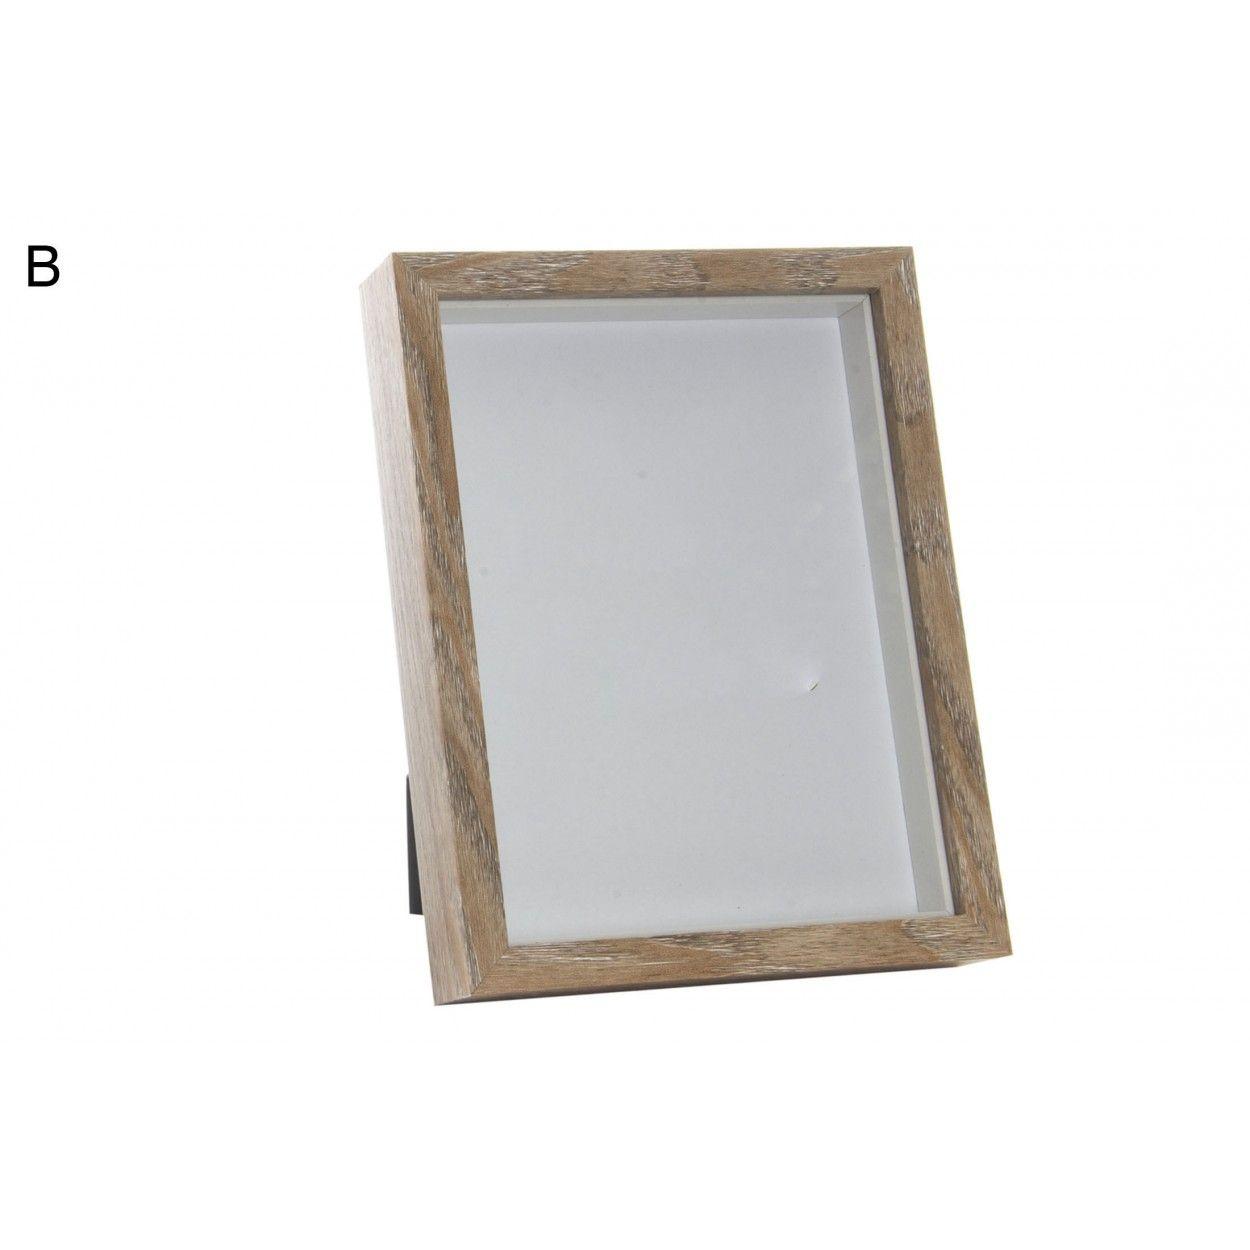 Hogar y m s marco de fotos de madera 2 tonos hogar y m s - Marcos fotos madera ...